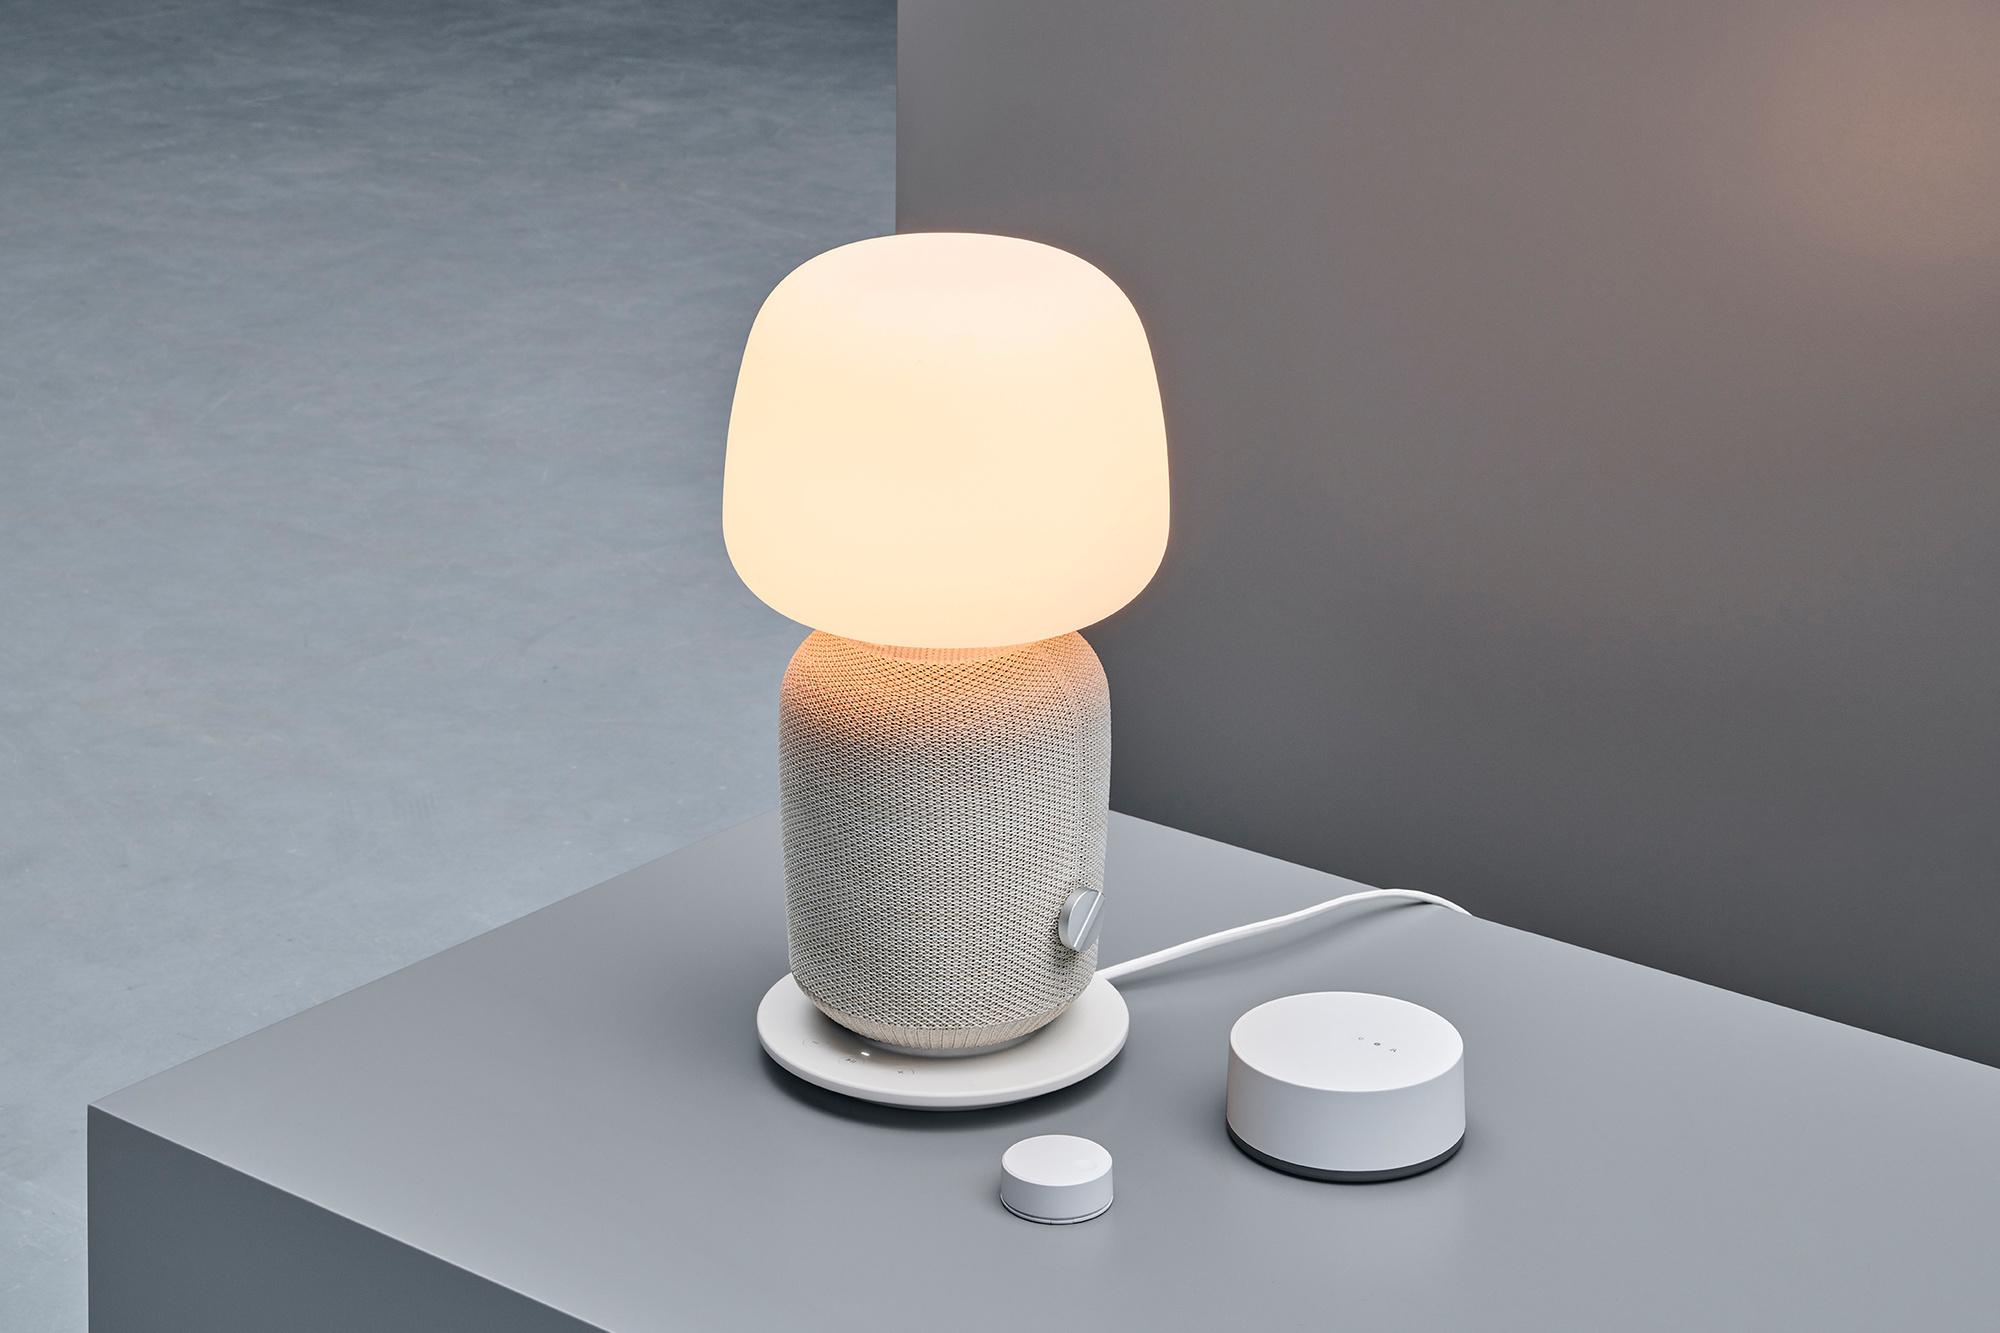 Ikea x Sonos: SYMFONISK, Ikea